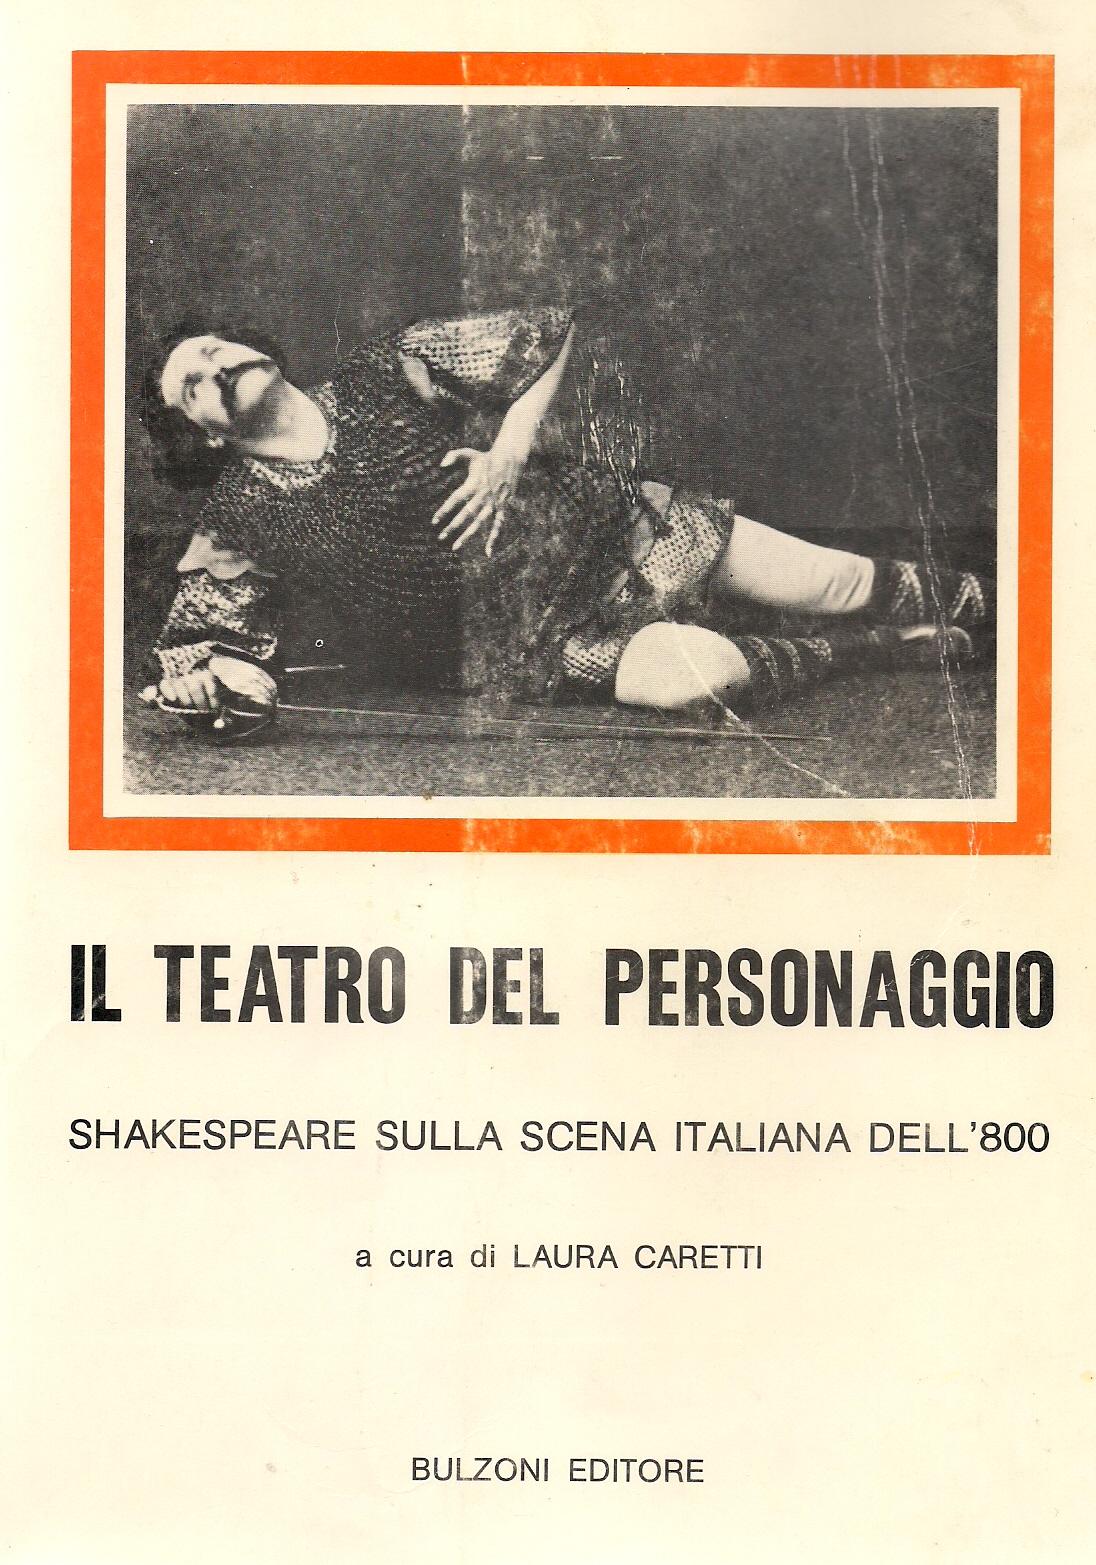 Il teatro del personaggio